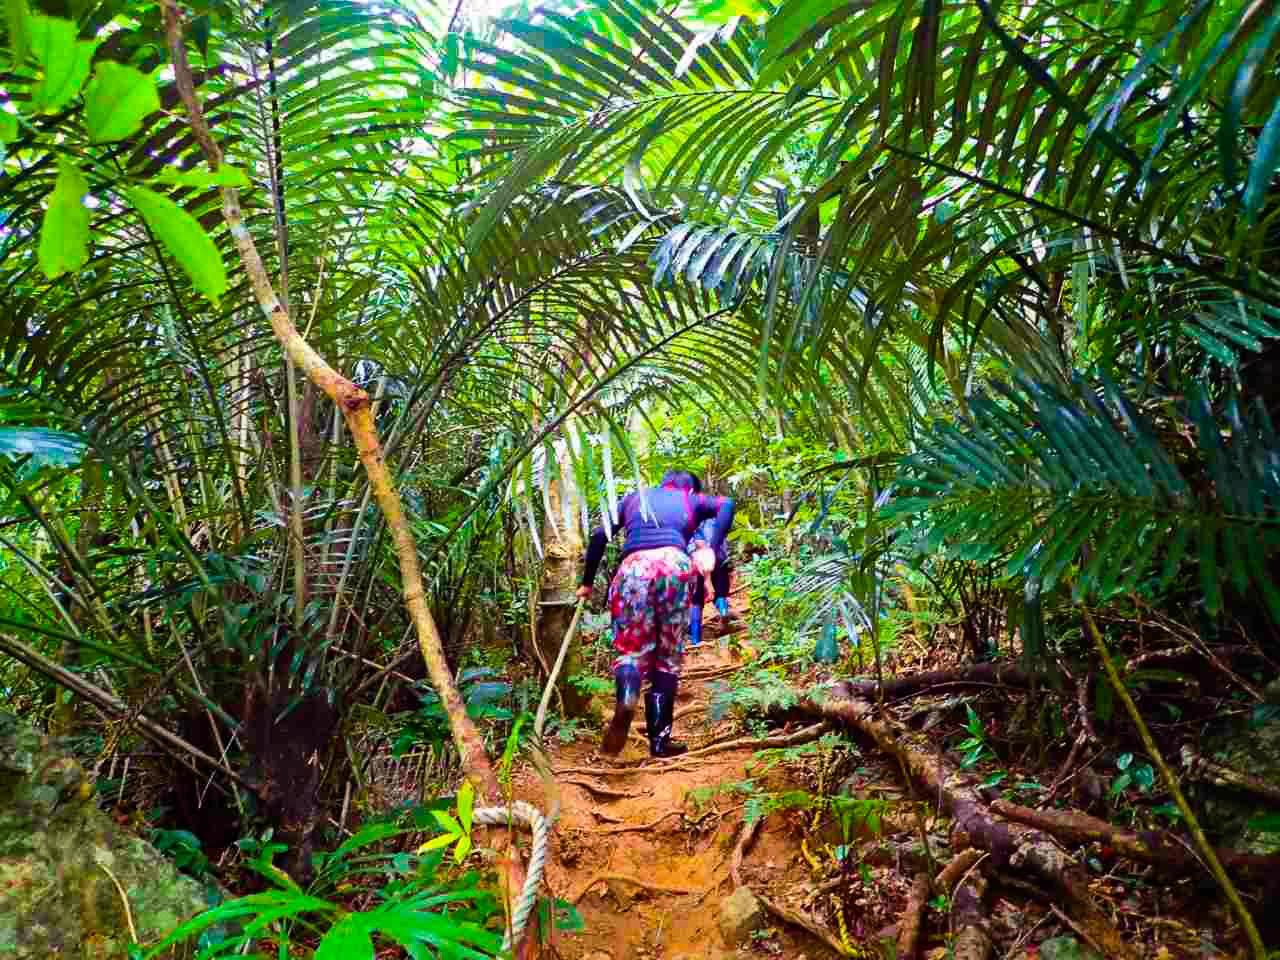 社員旅行でのトレッキング途中の亜熱帯原生林